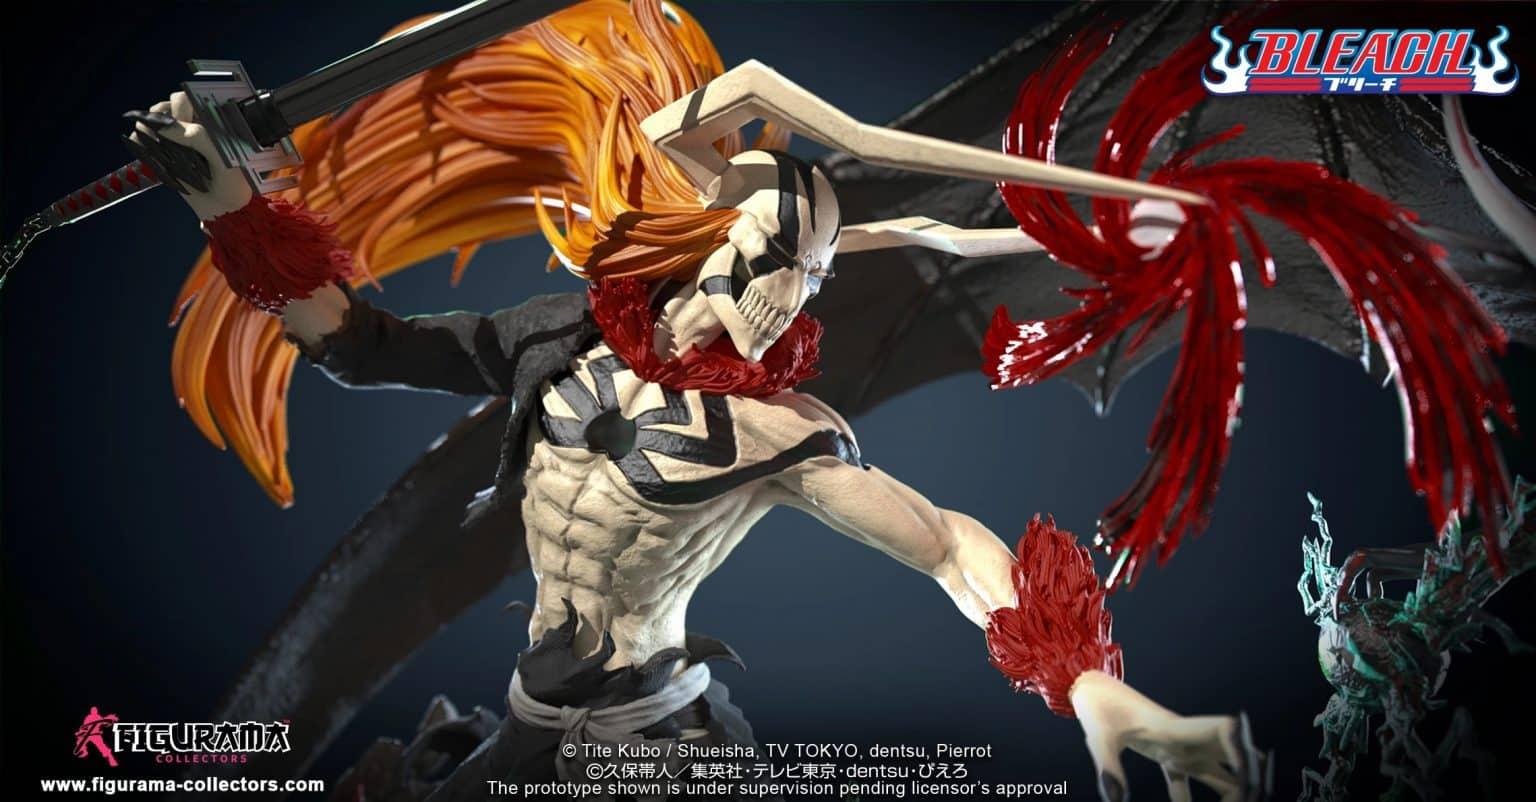 Une statue incroyable recrée le combat d'Ichigo avec Ulquiorra dans Bleach 23